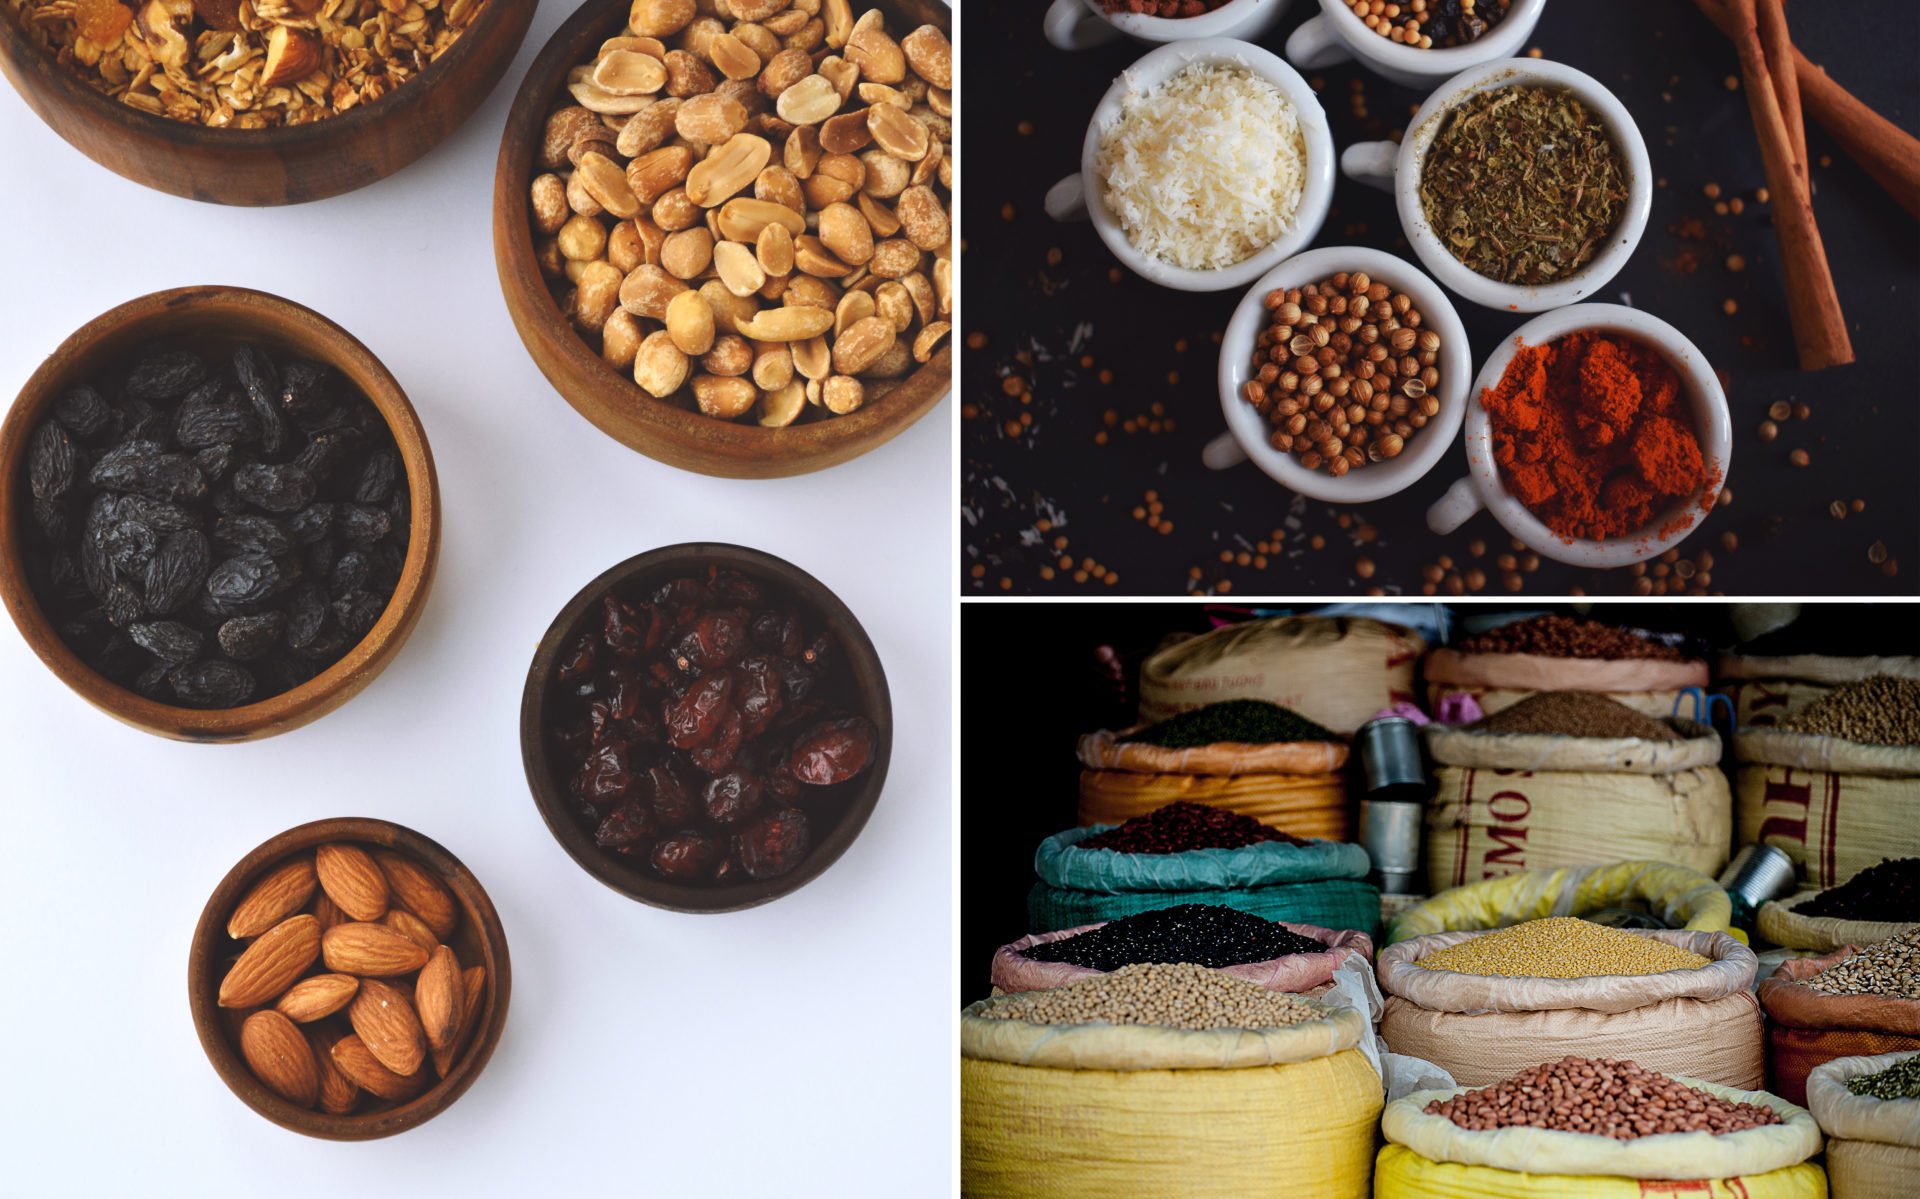 nötter, bönor och kryddor är bra att spara på